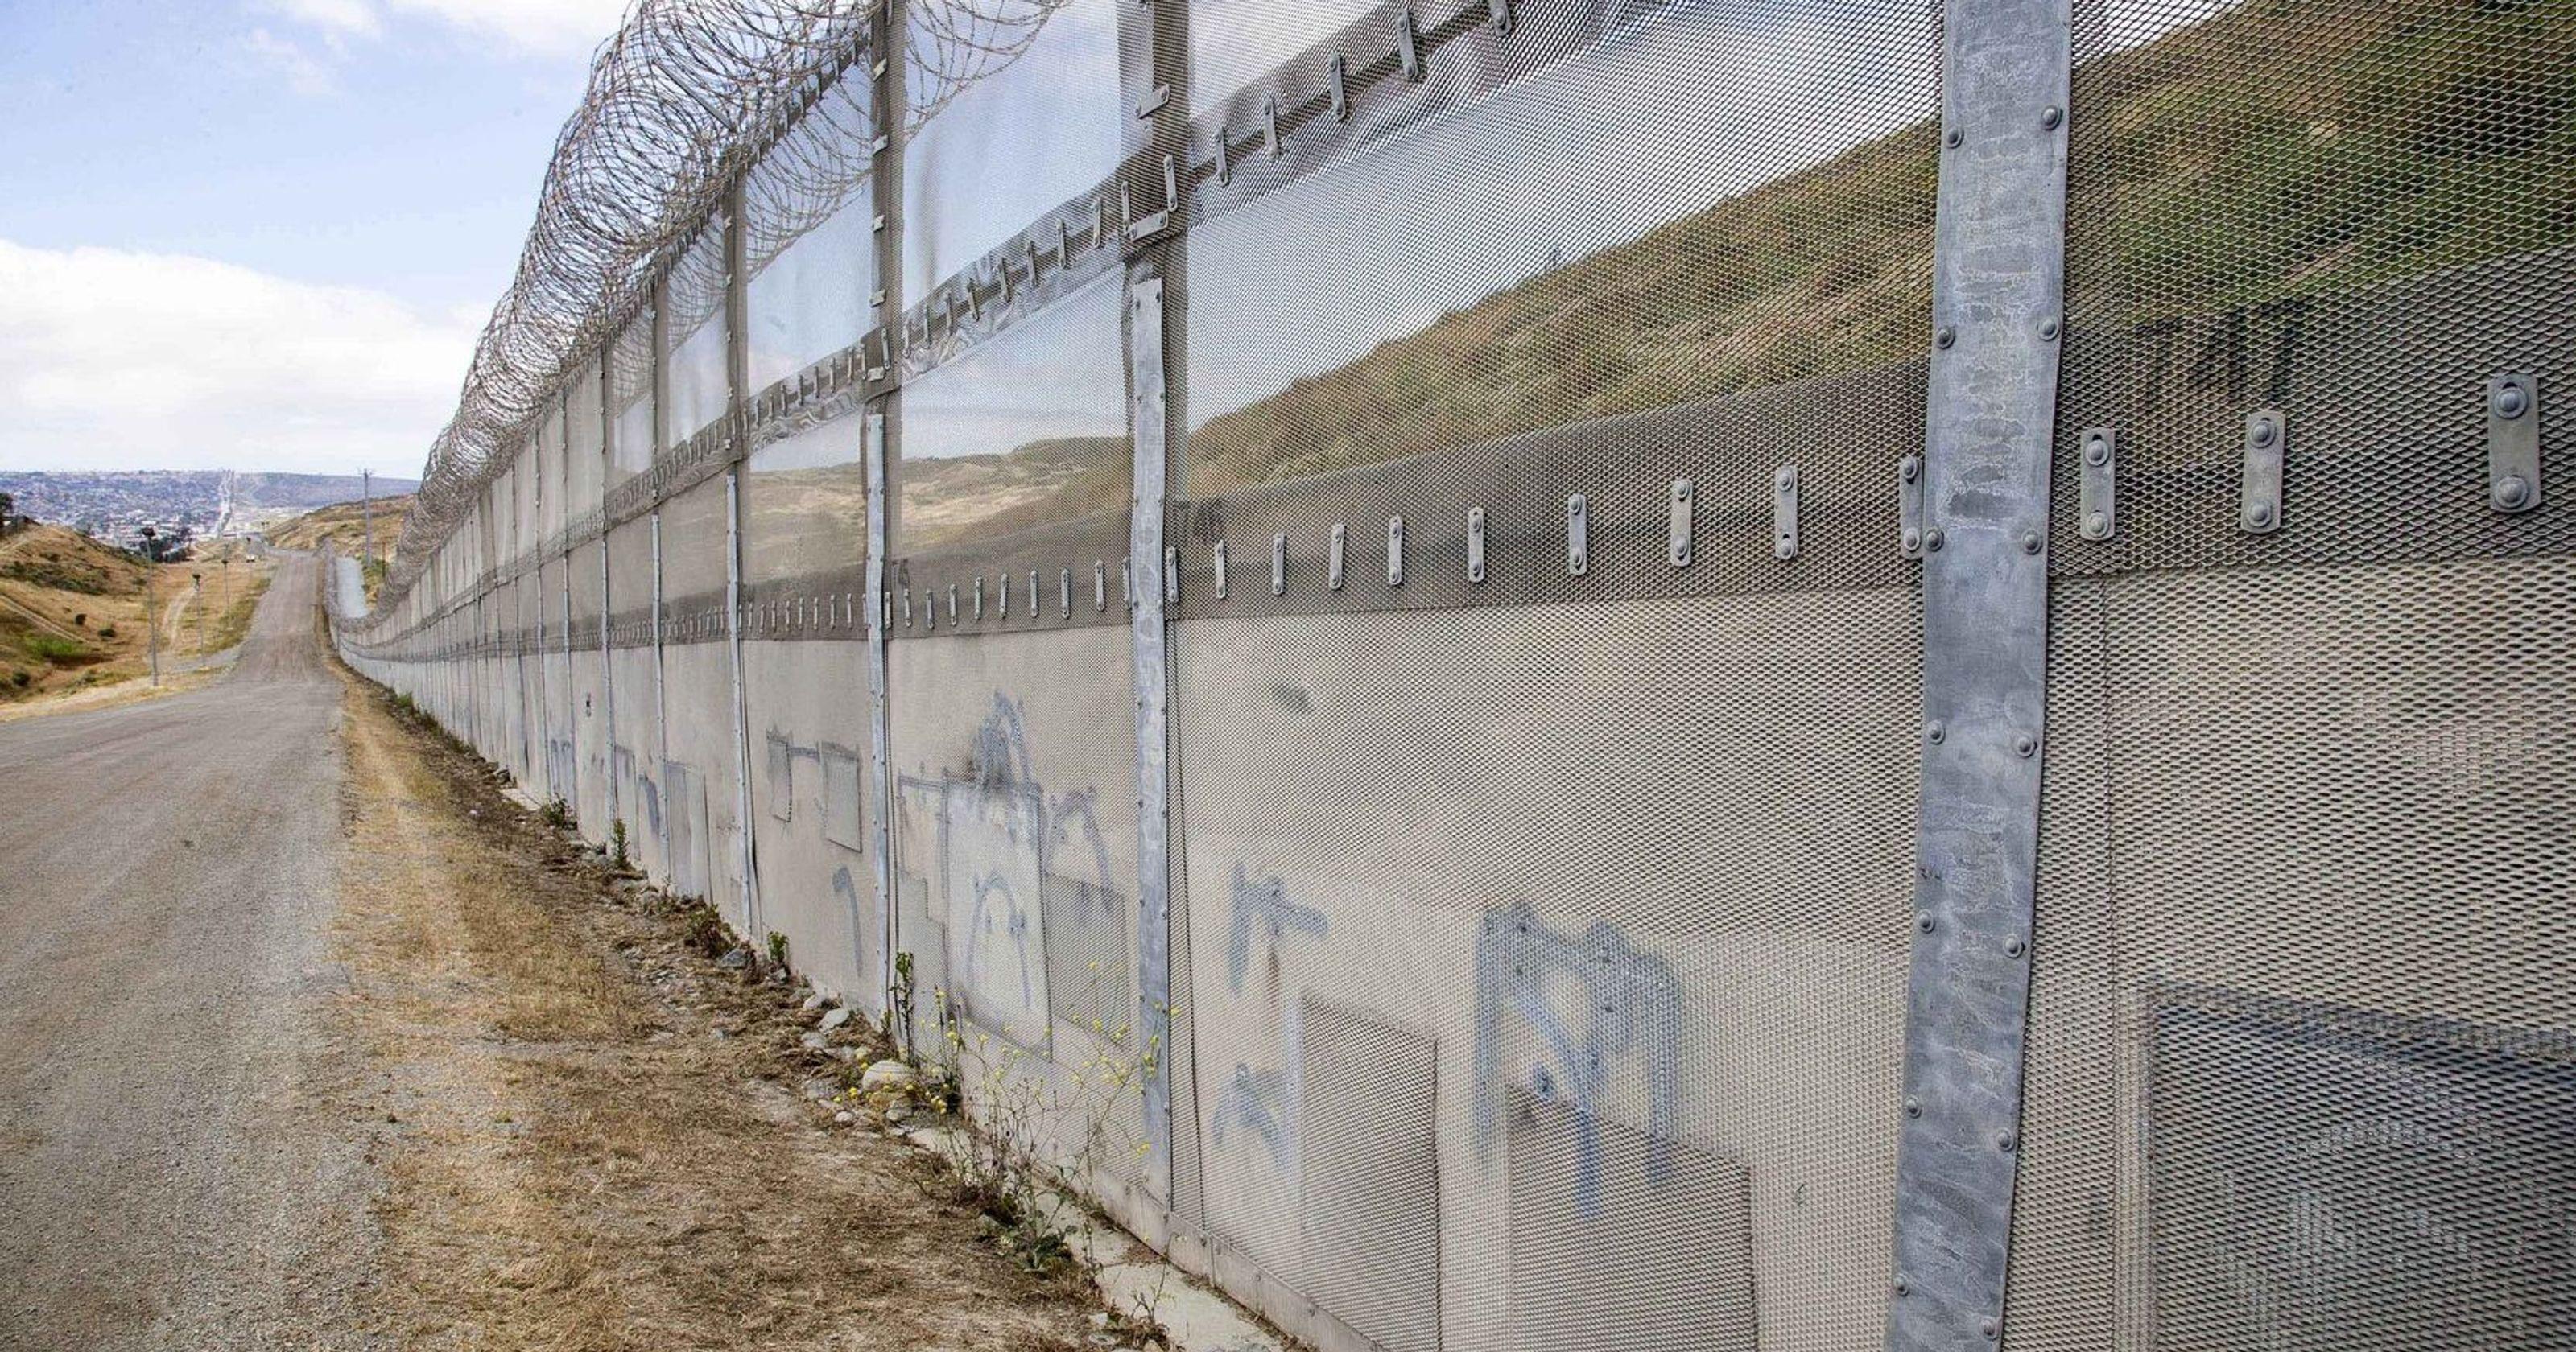 川普為了蓋圍牆不惜宣布美國進入「緊急狀態」,但他可能還是湊不到錢